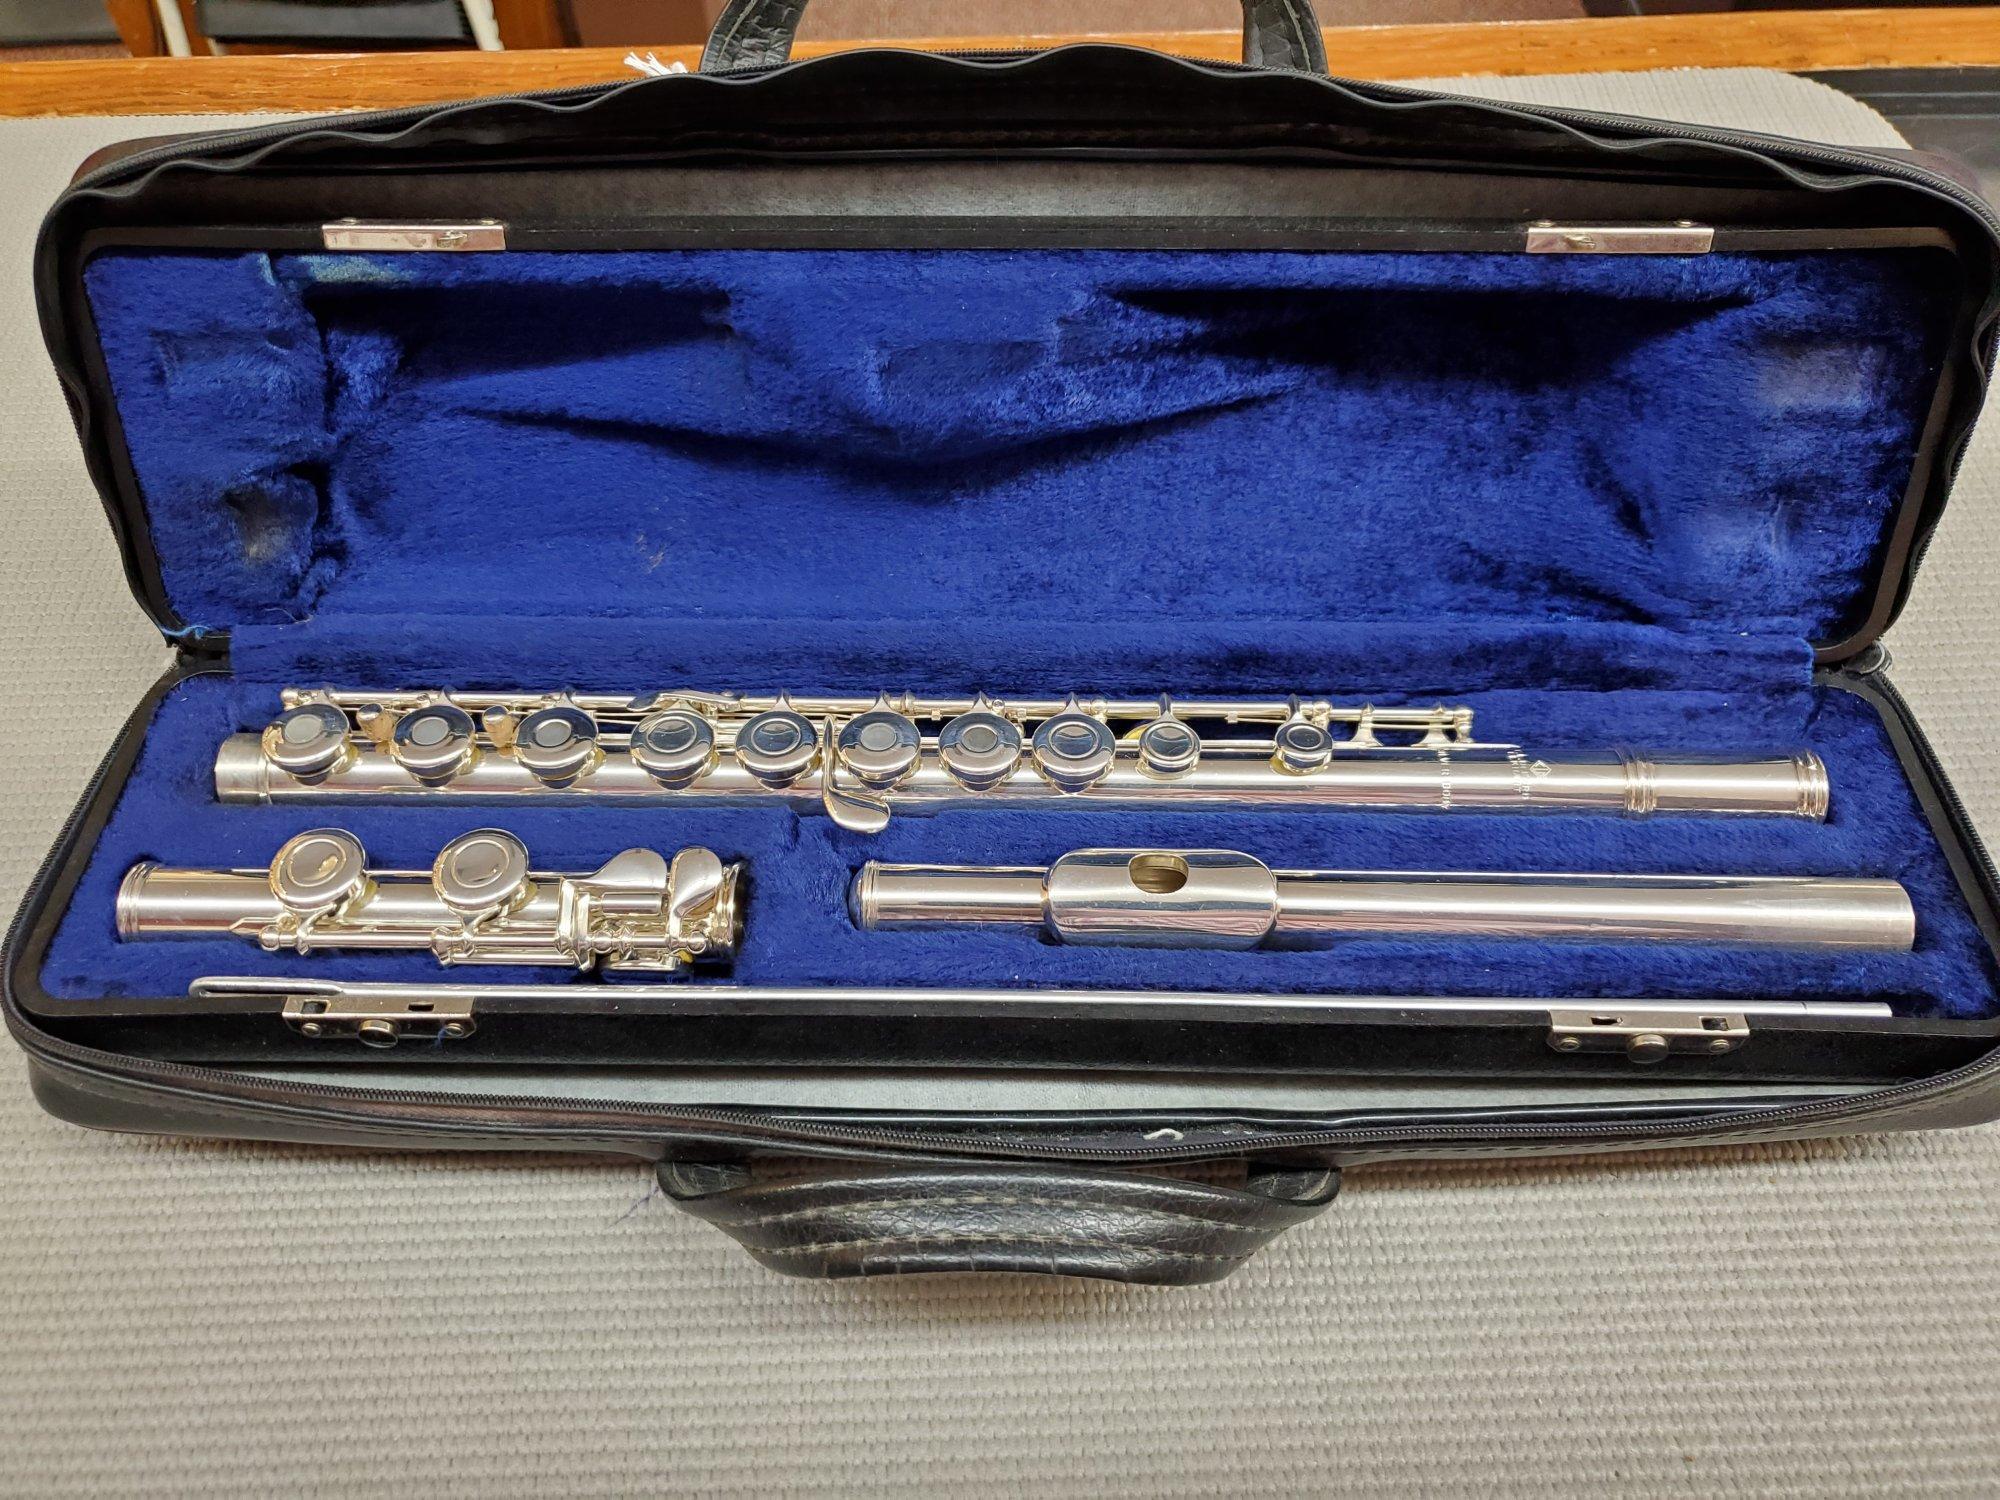 Used E.L. Deford Flute